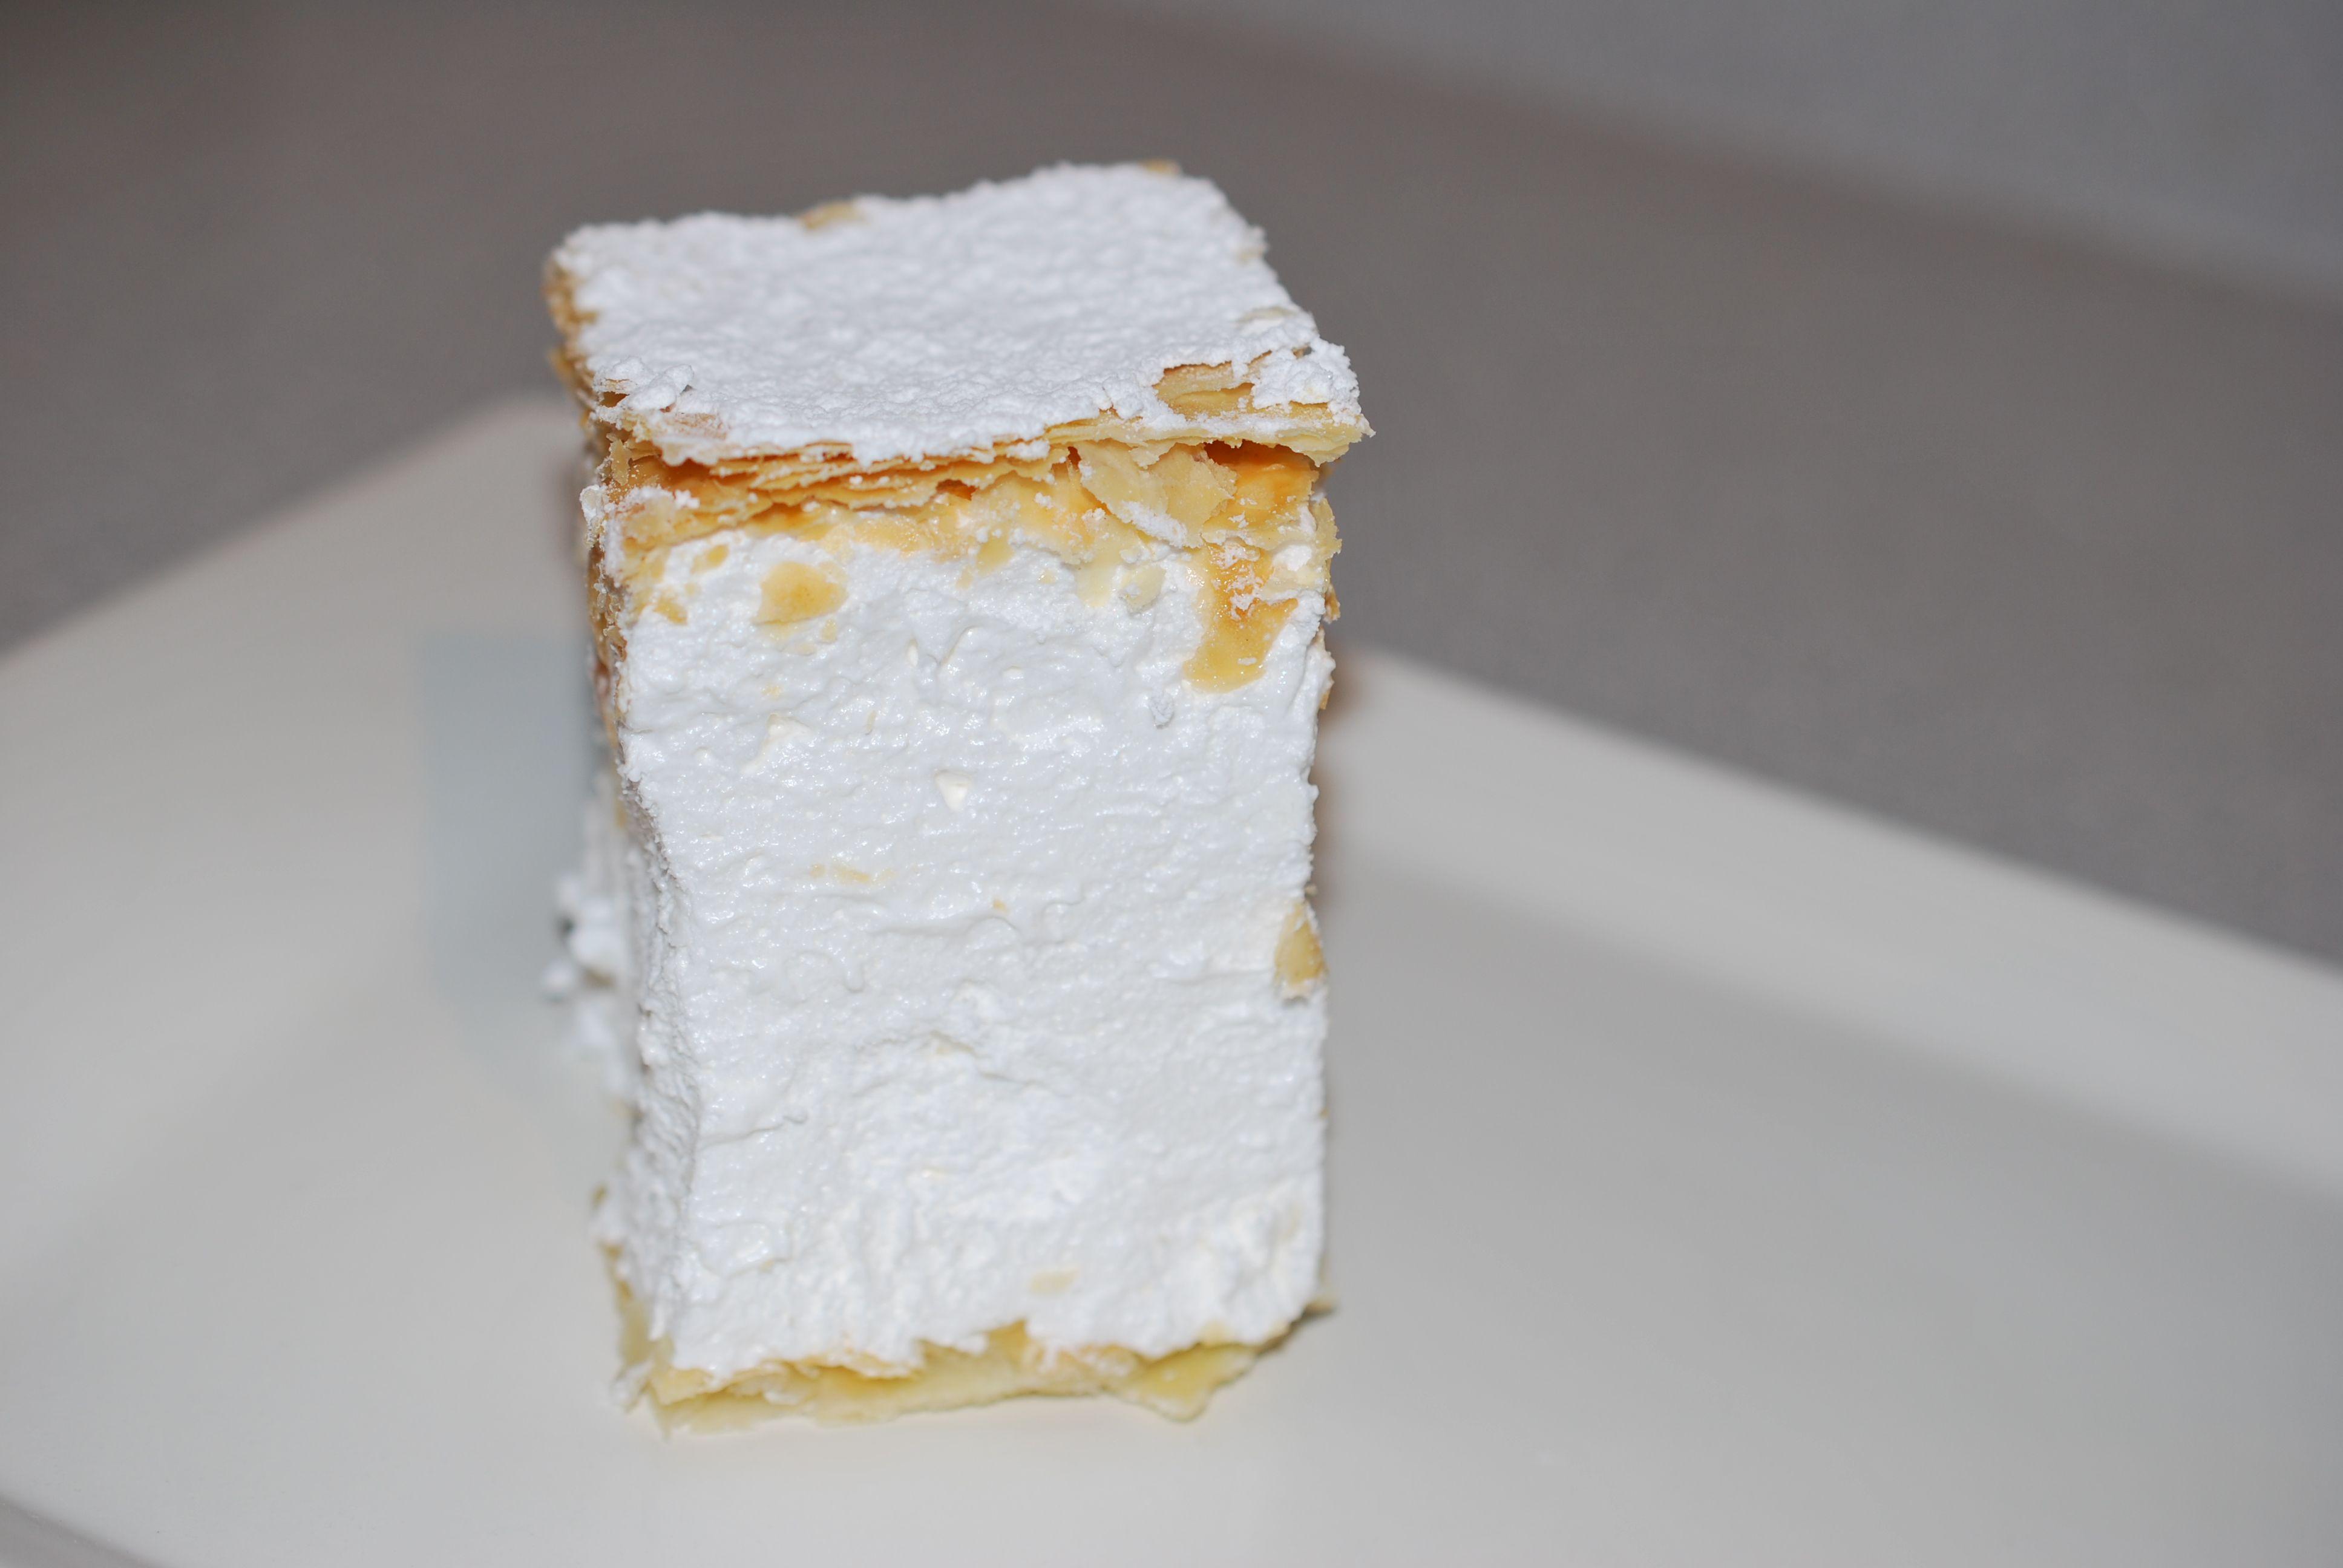 Shampita delicious meringue dessert